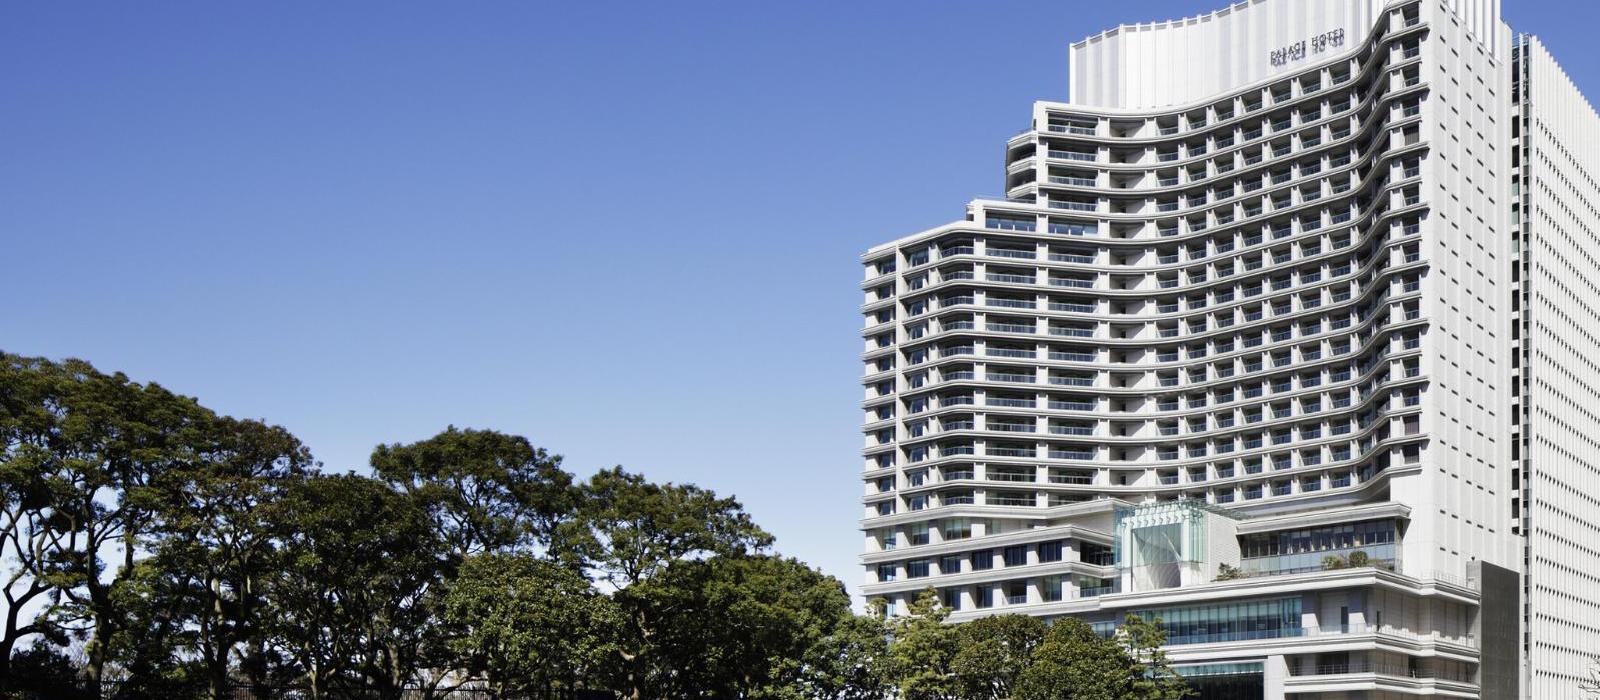 东京皇宫酒店(Palace Hotel Tokyo) 酒店外部图片  www.lhw.cn